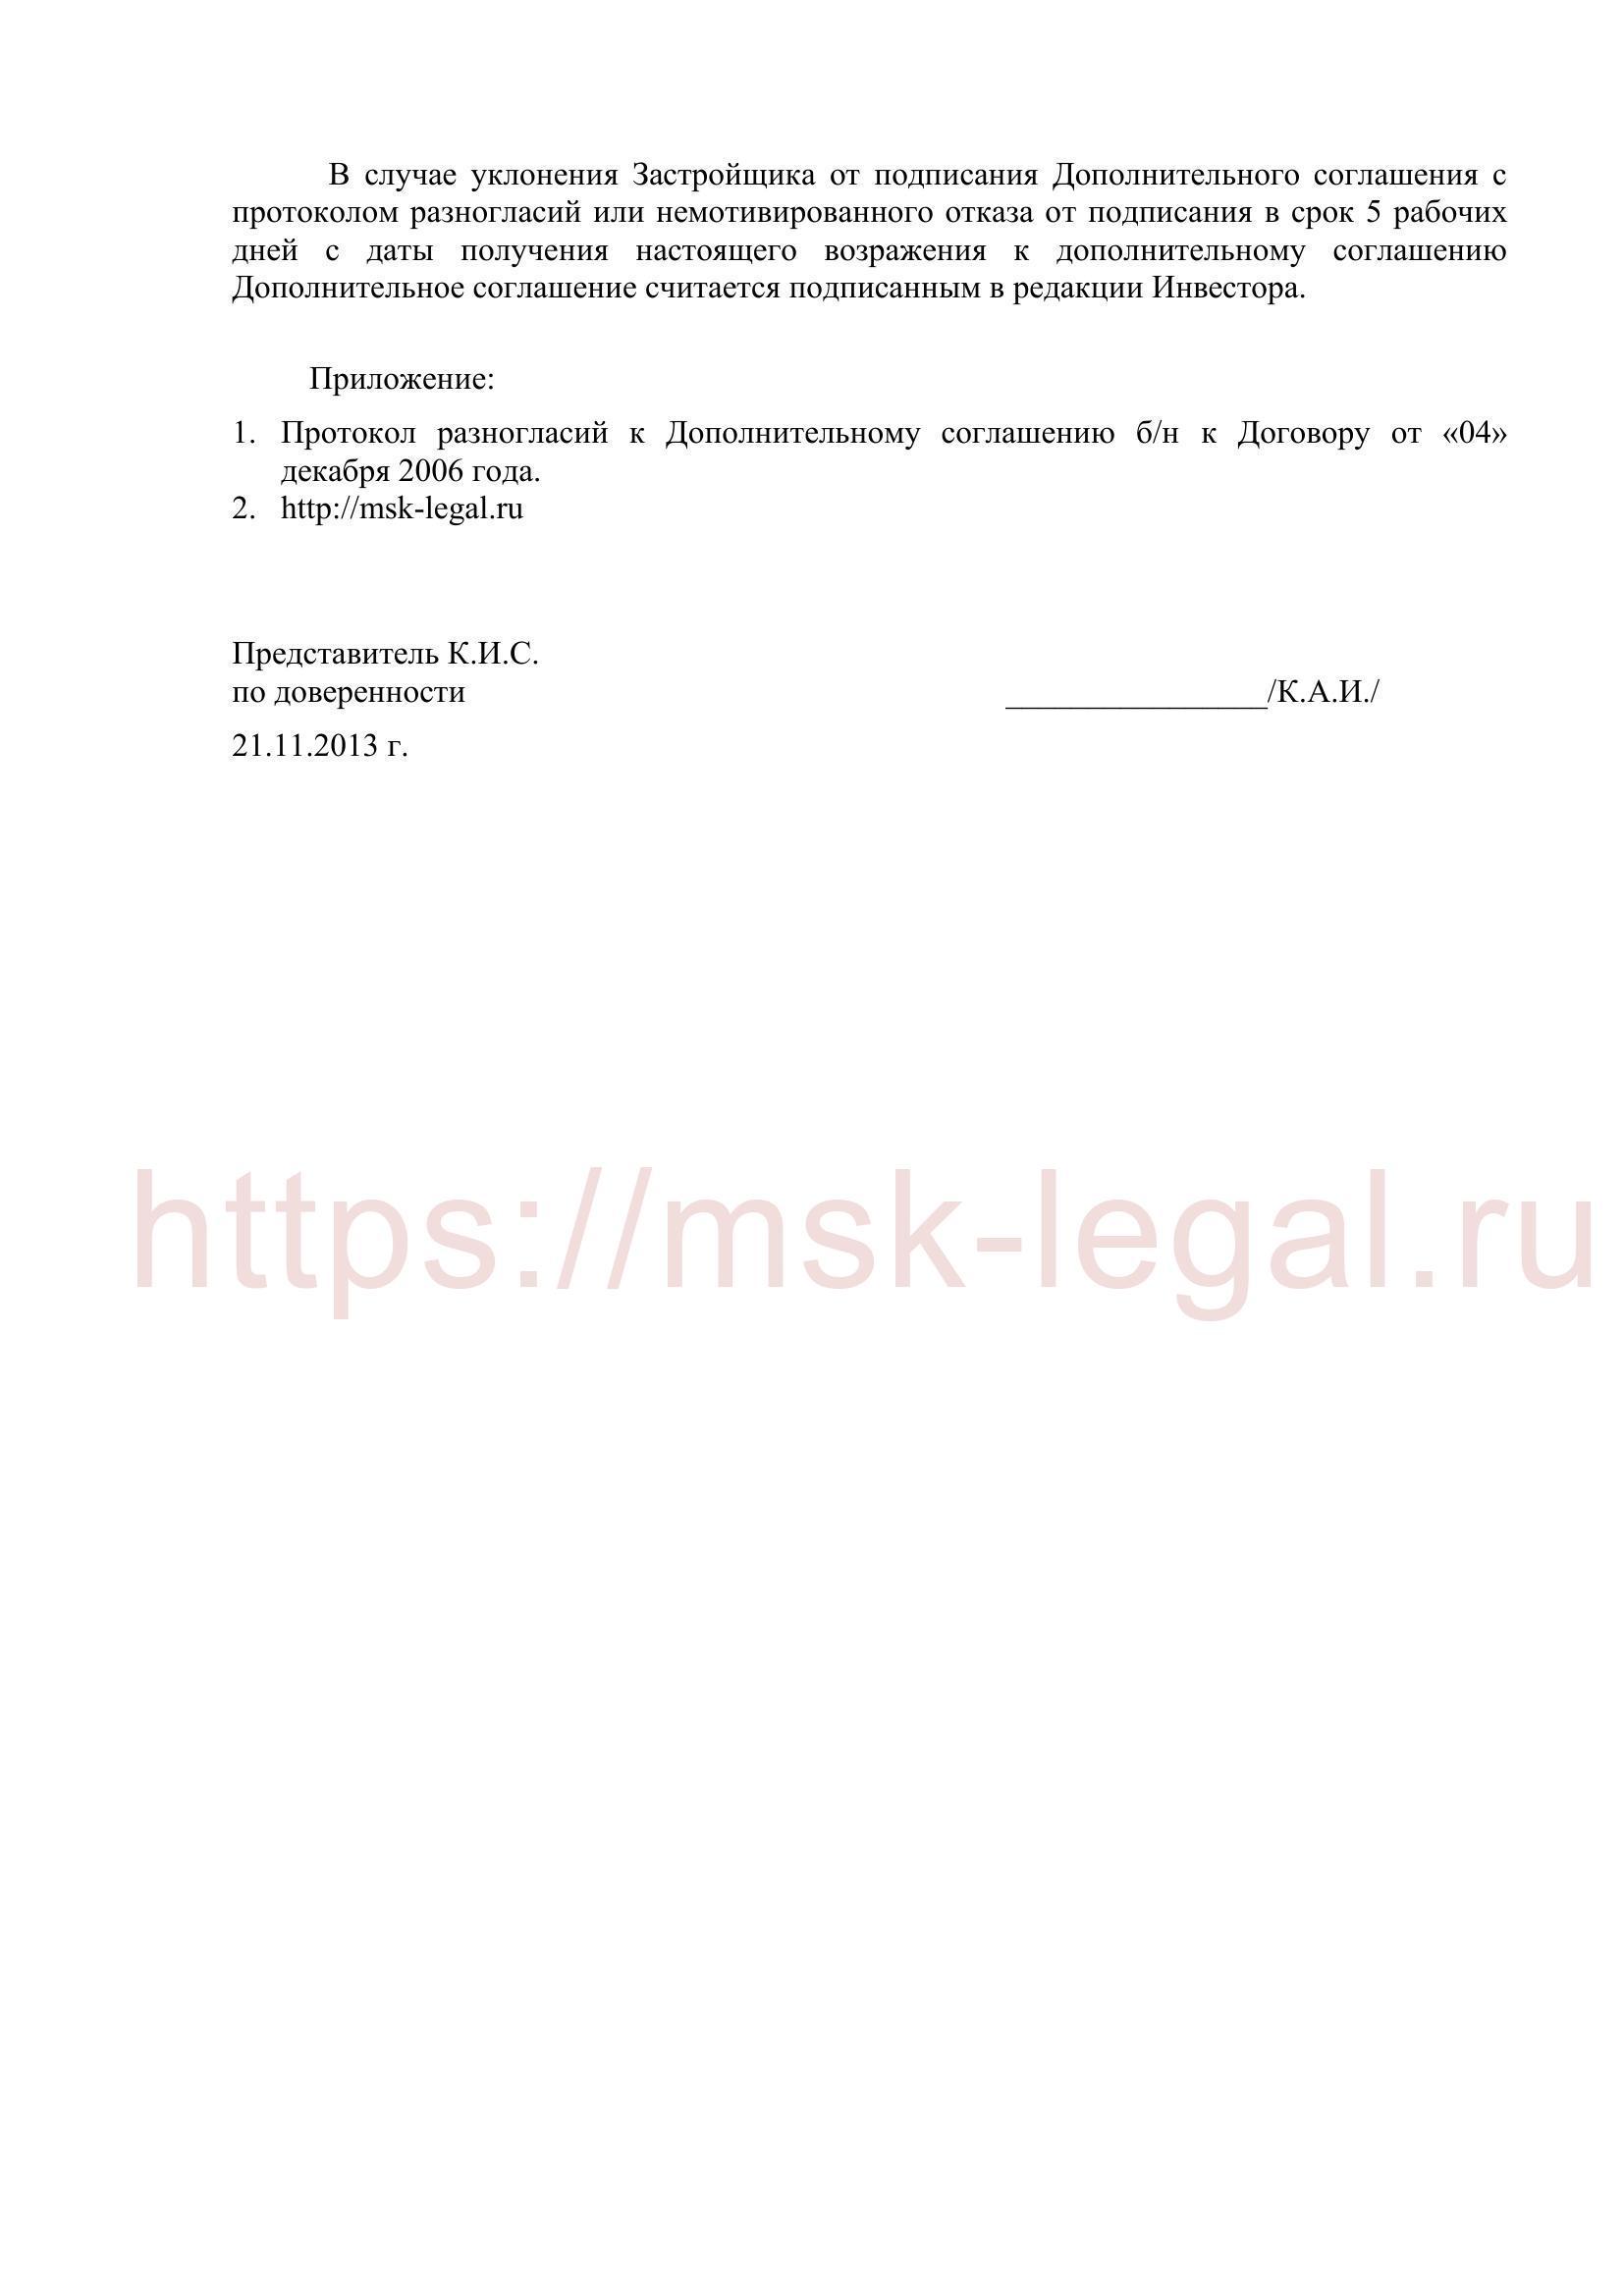 Претензия застройщику о возврате денежных средств по предварительному договору